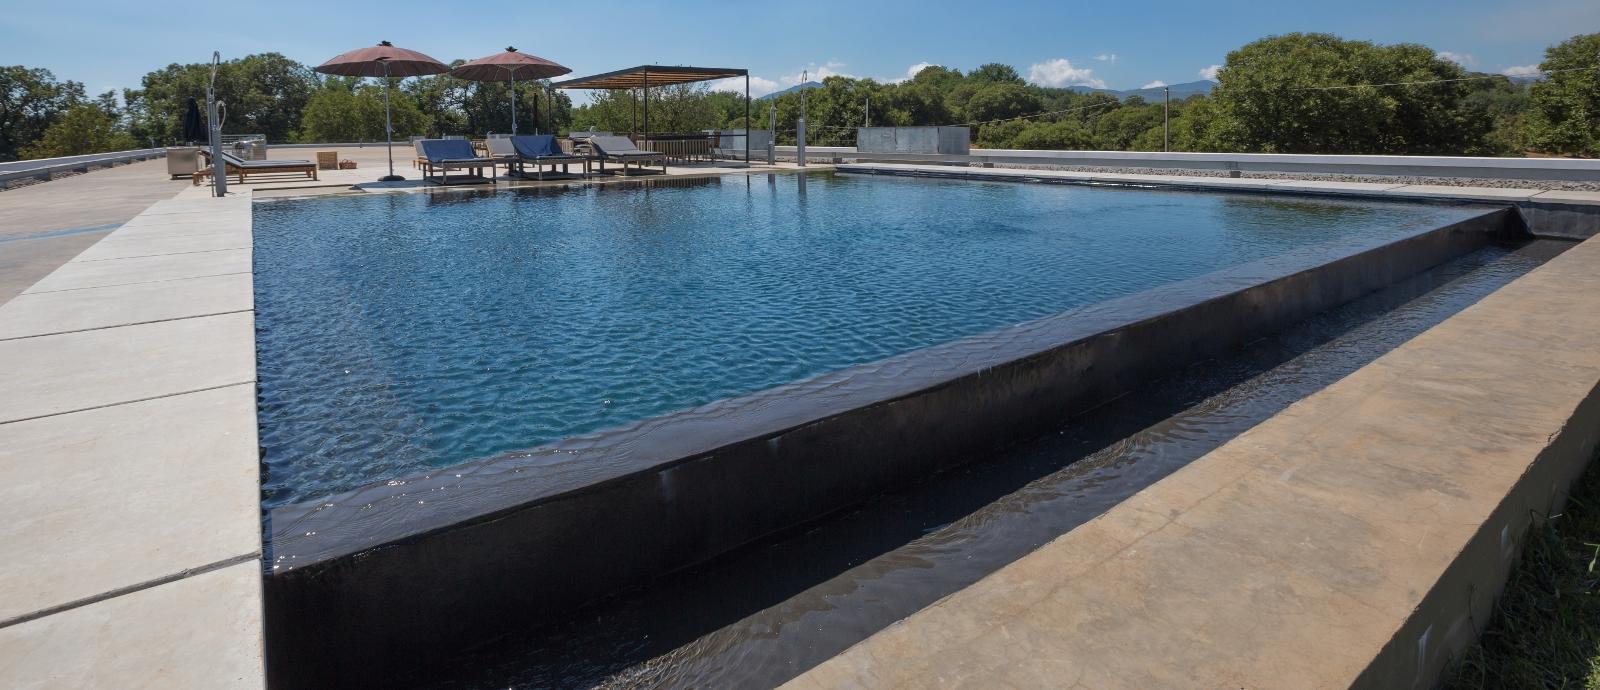 Piscine con cascata piscine castiglione for Piscina fondo nero